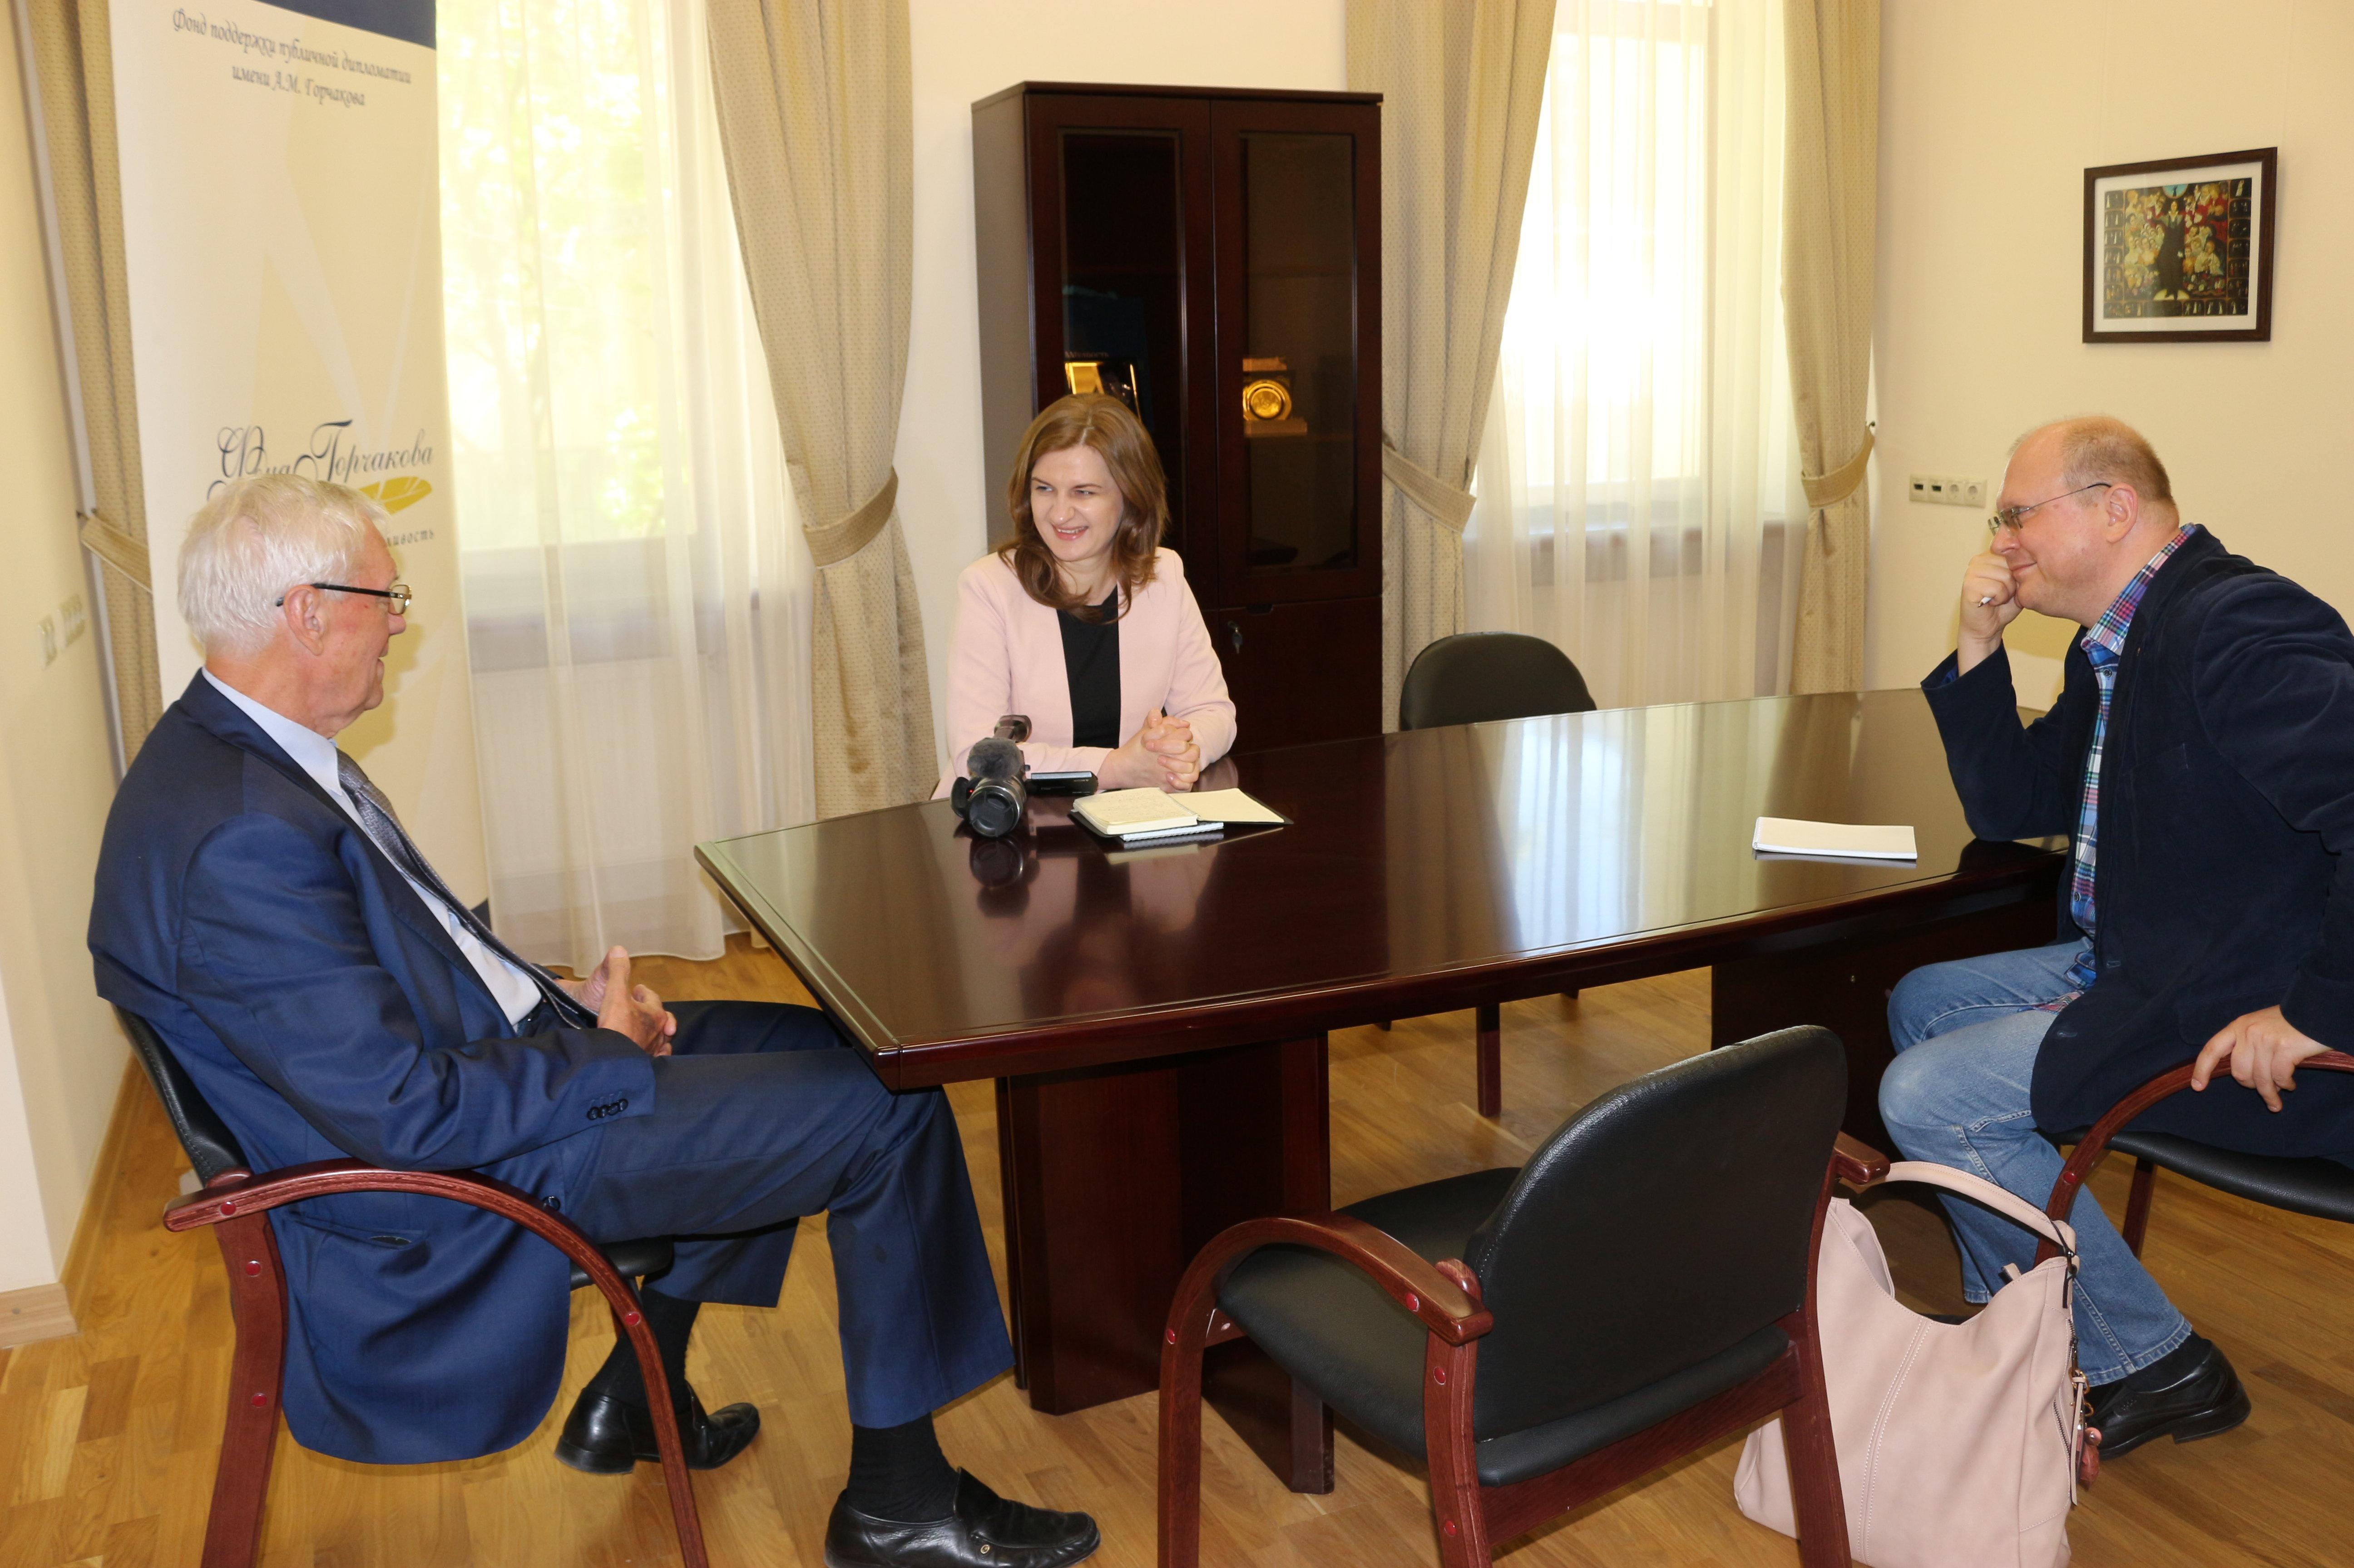 Leonid Draczewski, dyrektor Fundacji Wspierania Dyplomacji Publicznej im. Aleksandra Gorczakowa, Agnieszka Piwar i Leonid Swiridow. Moskwa.